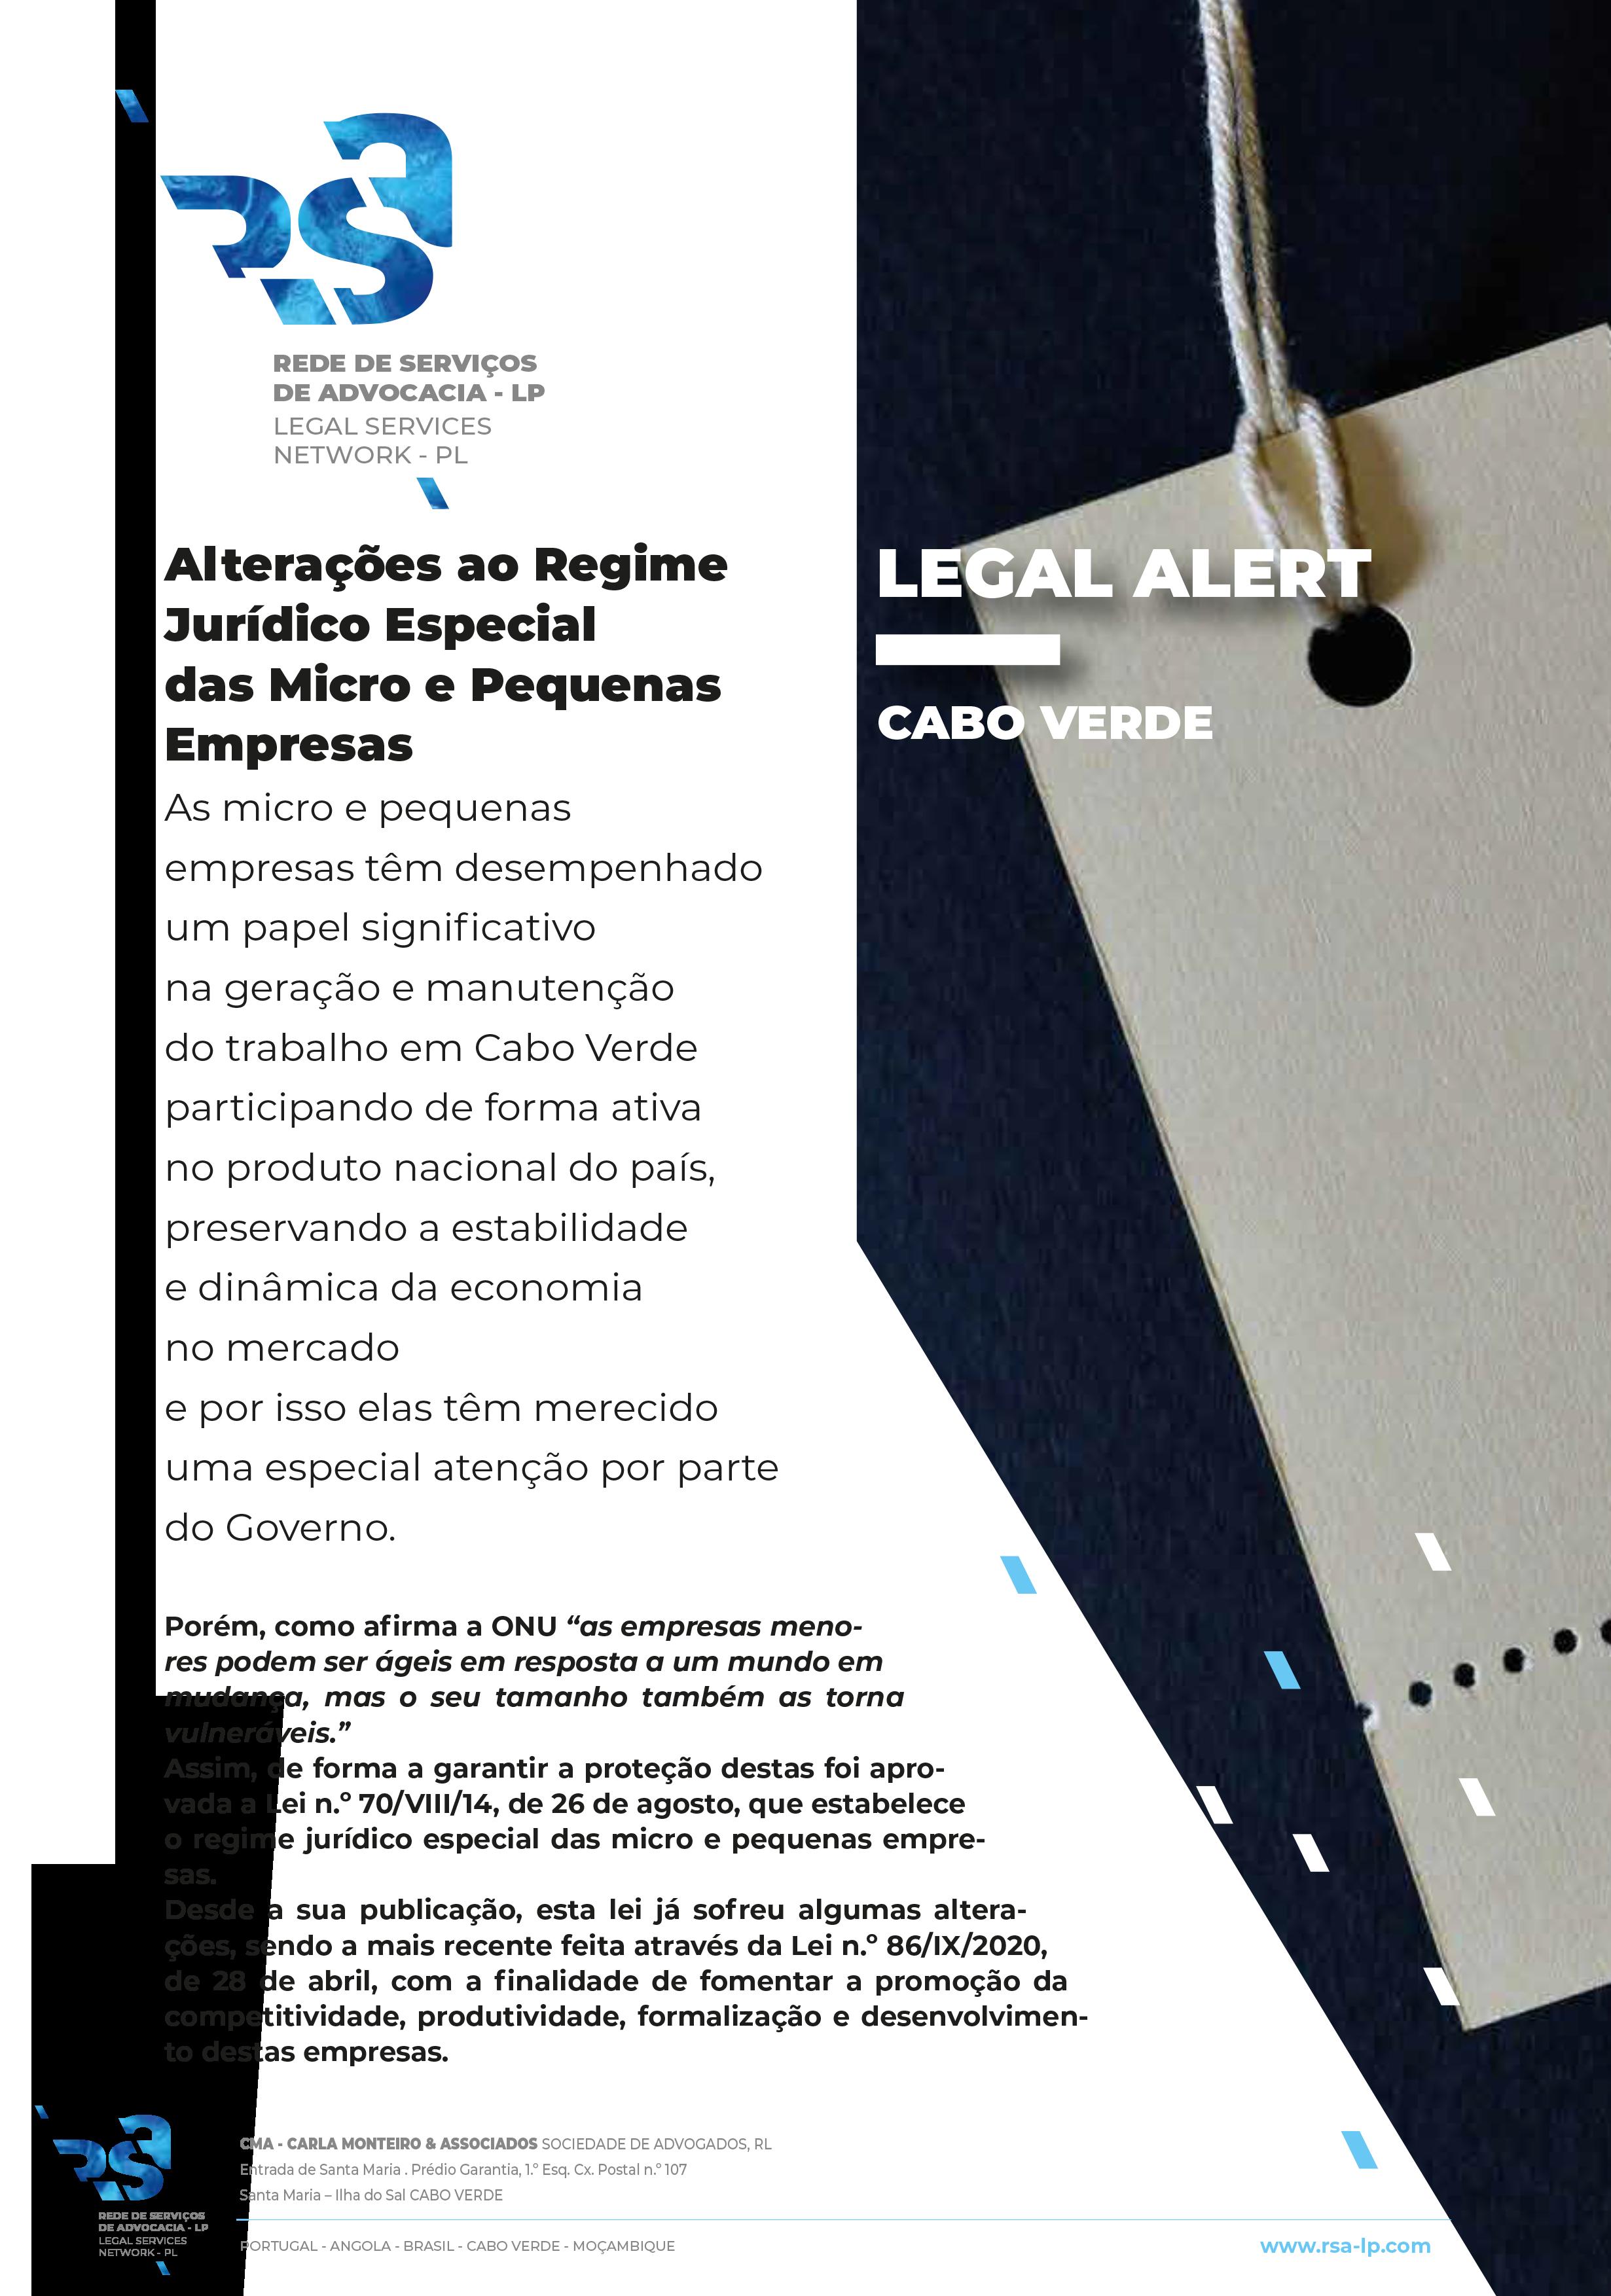 Alterações ao Regime Jurídico Especial das Micro e Pequenas Empresas